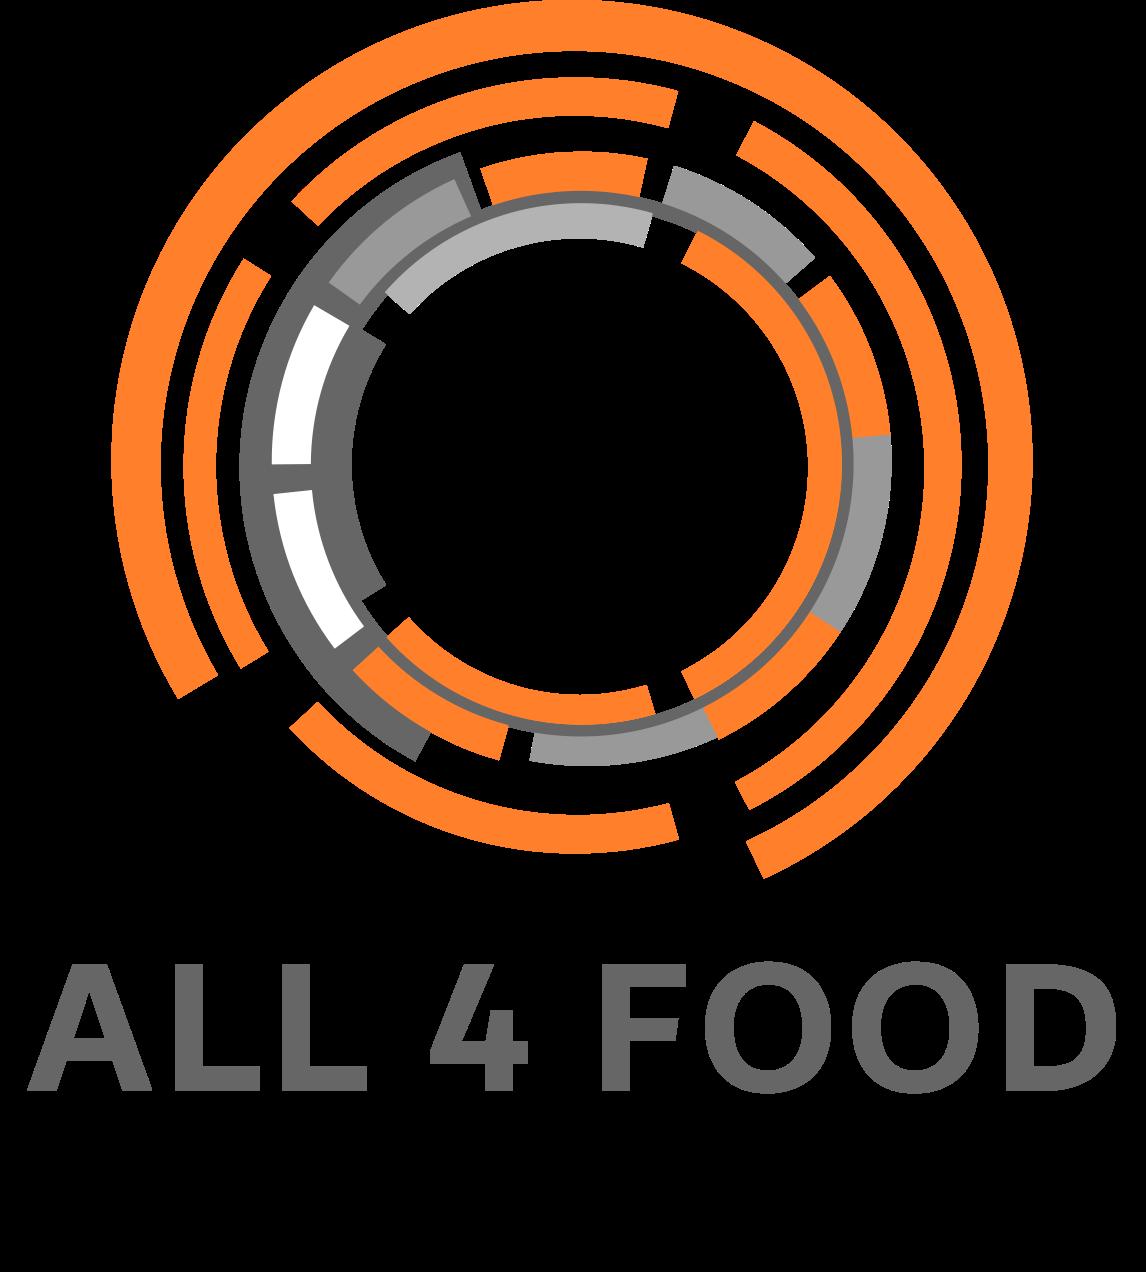 All 4 Food